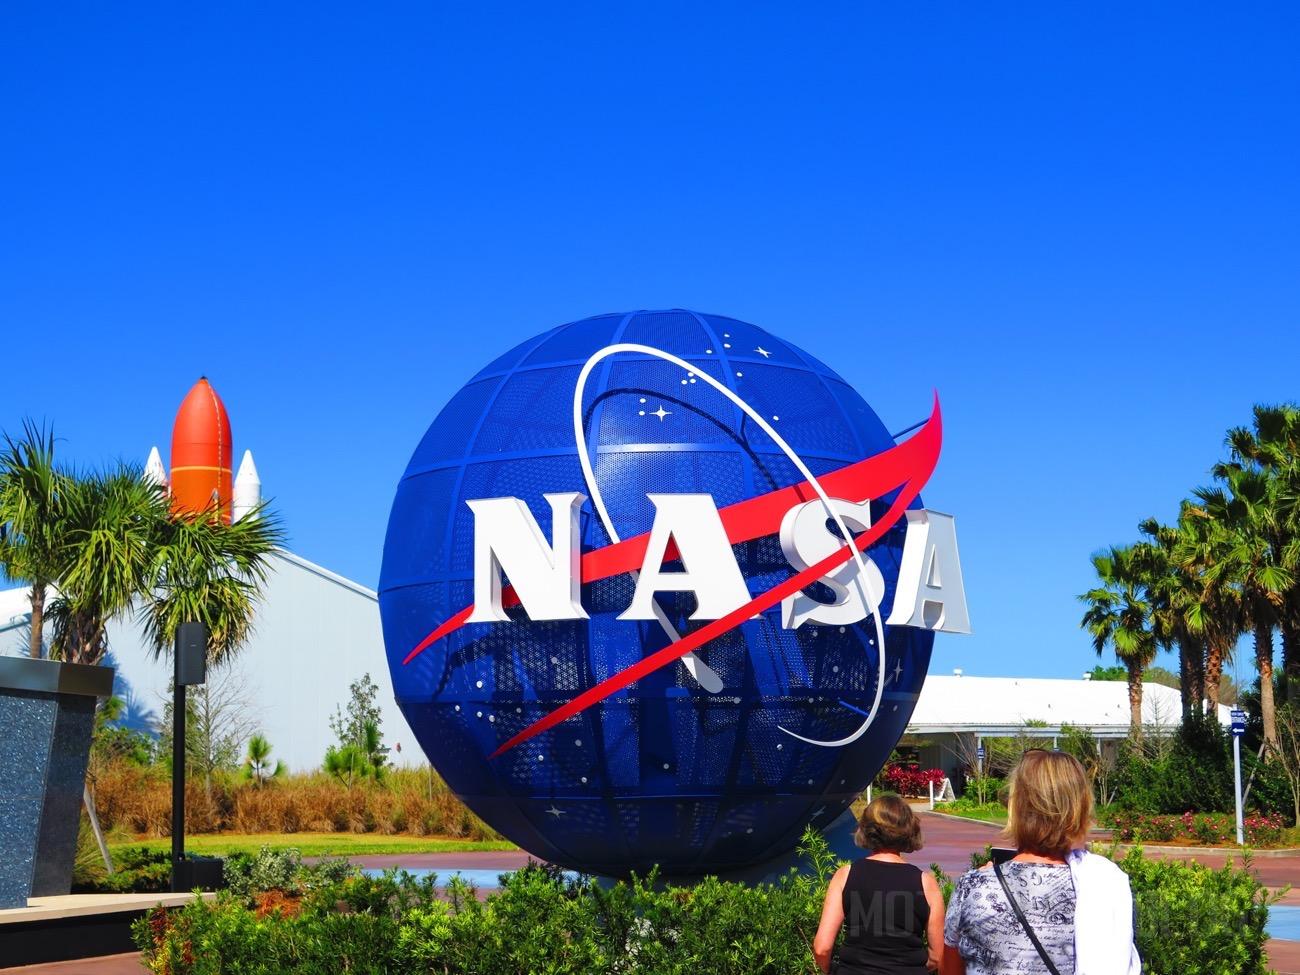 フロリダ観光のおすすめ2|ケネディー宇宙センターのアトラクションガイド